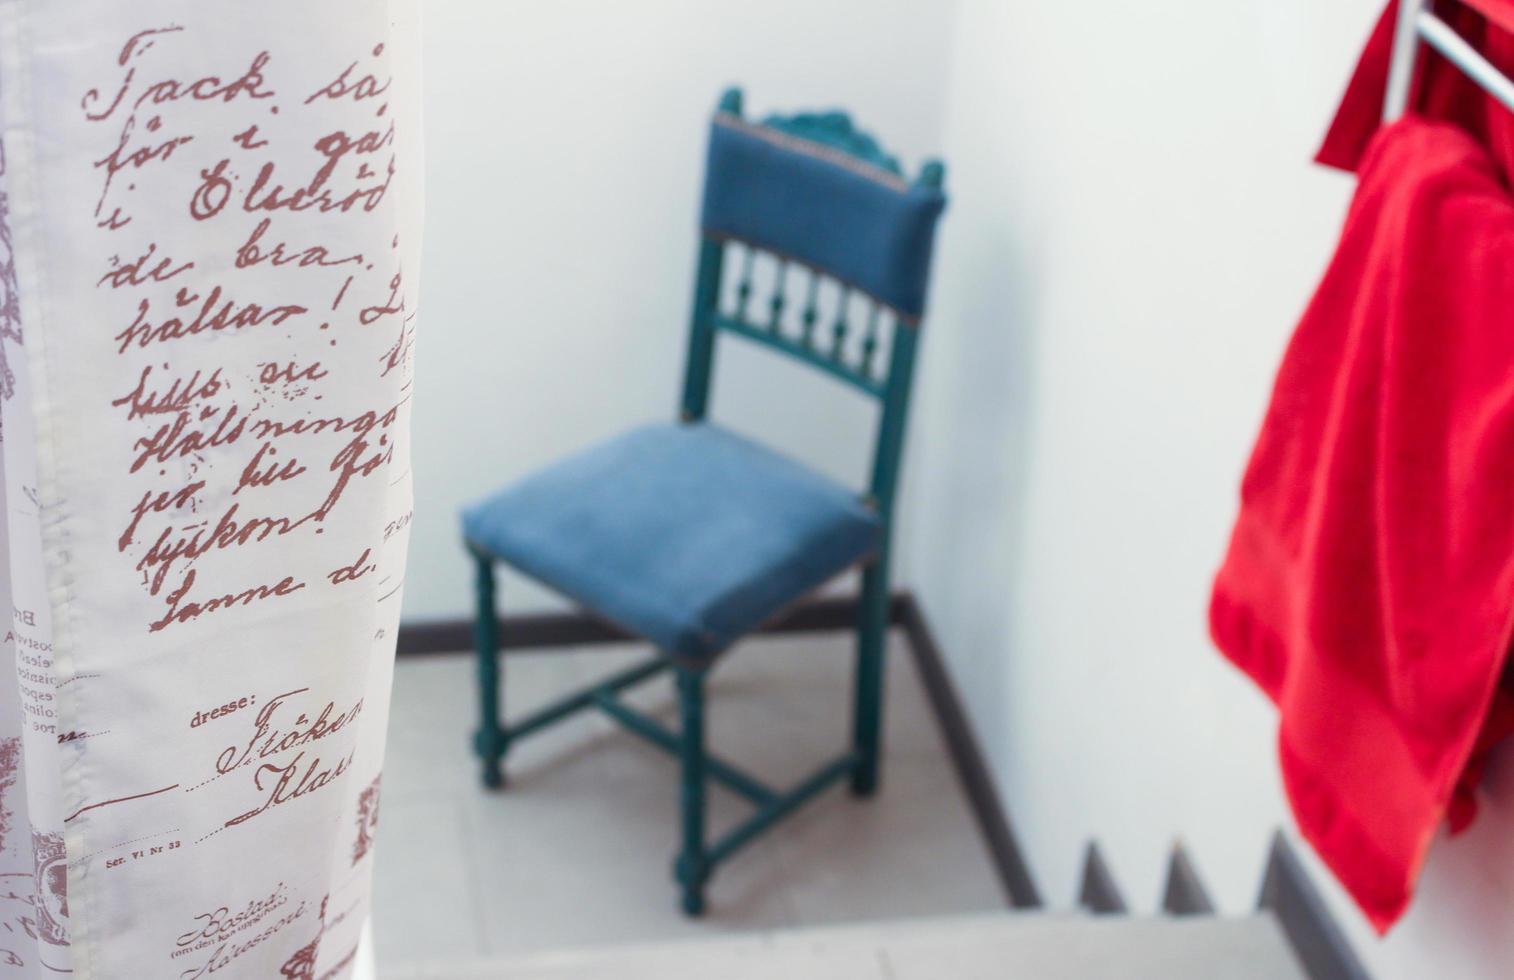 parole sulla tenda accanto alla sedia blu e asciugamano rosso foto